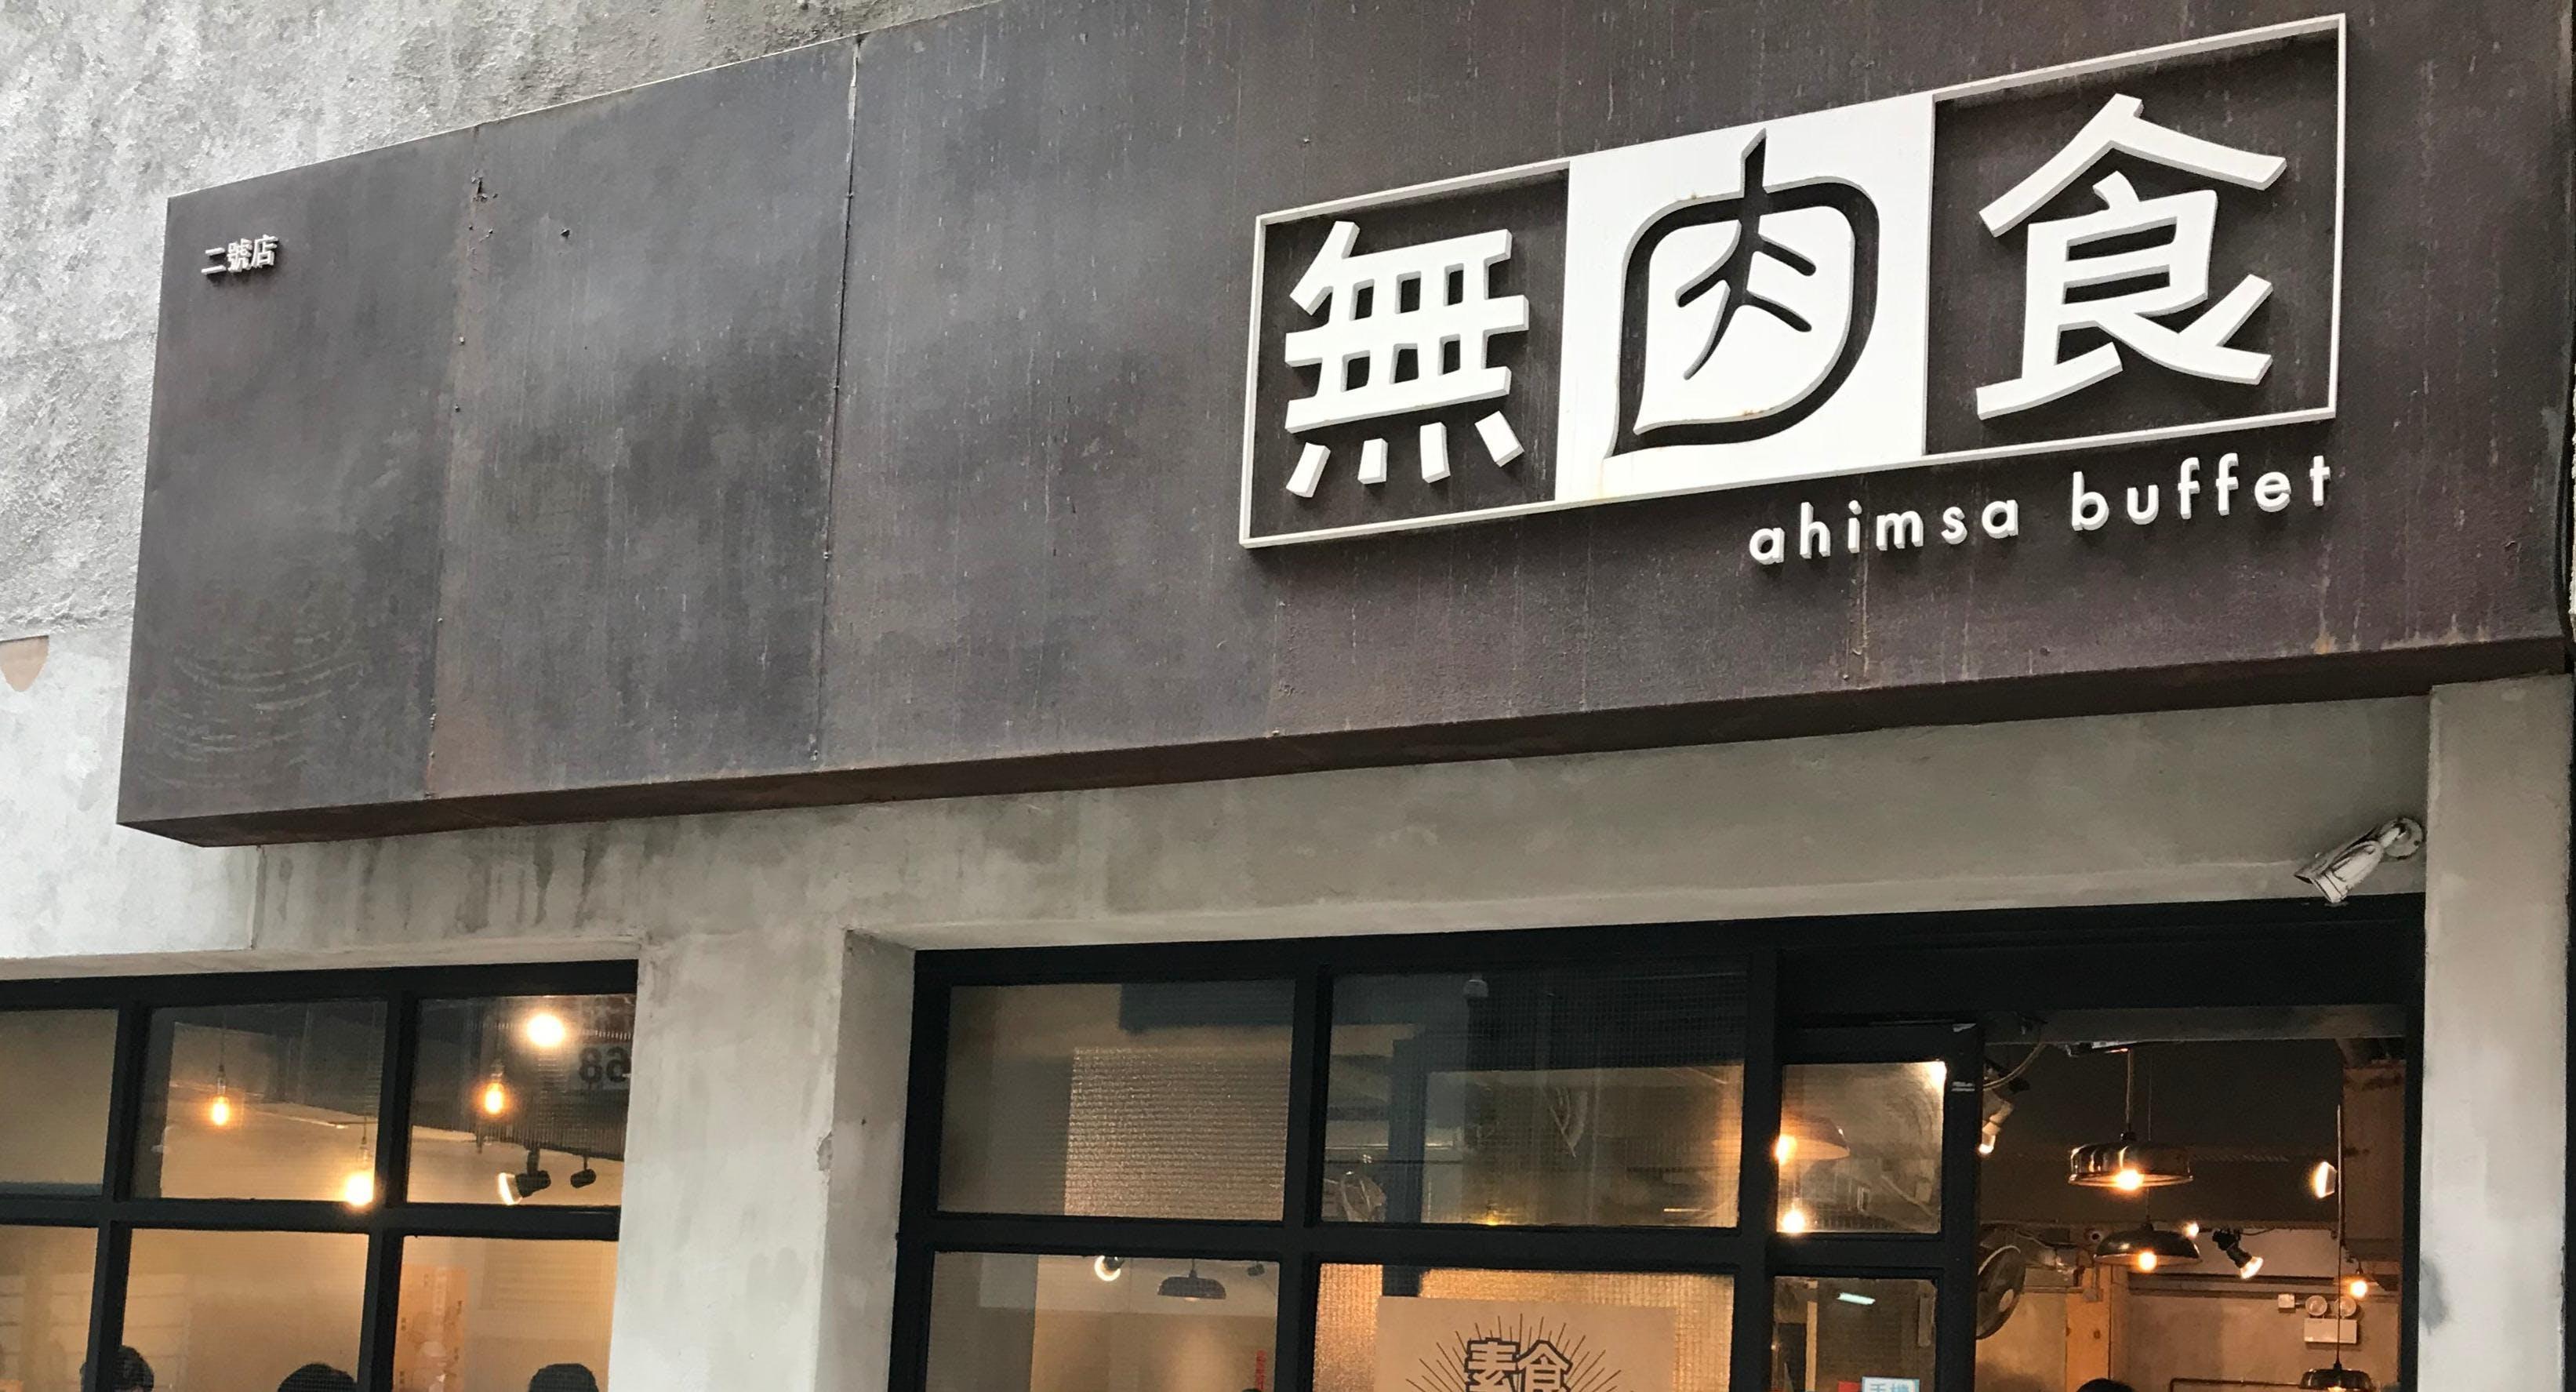 Ahimsa Buffet 無肉食 - Jordan Hong Kong image 1